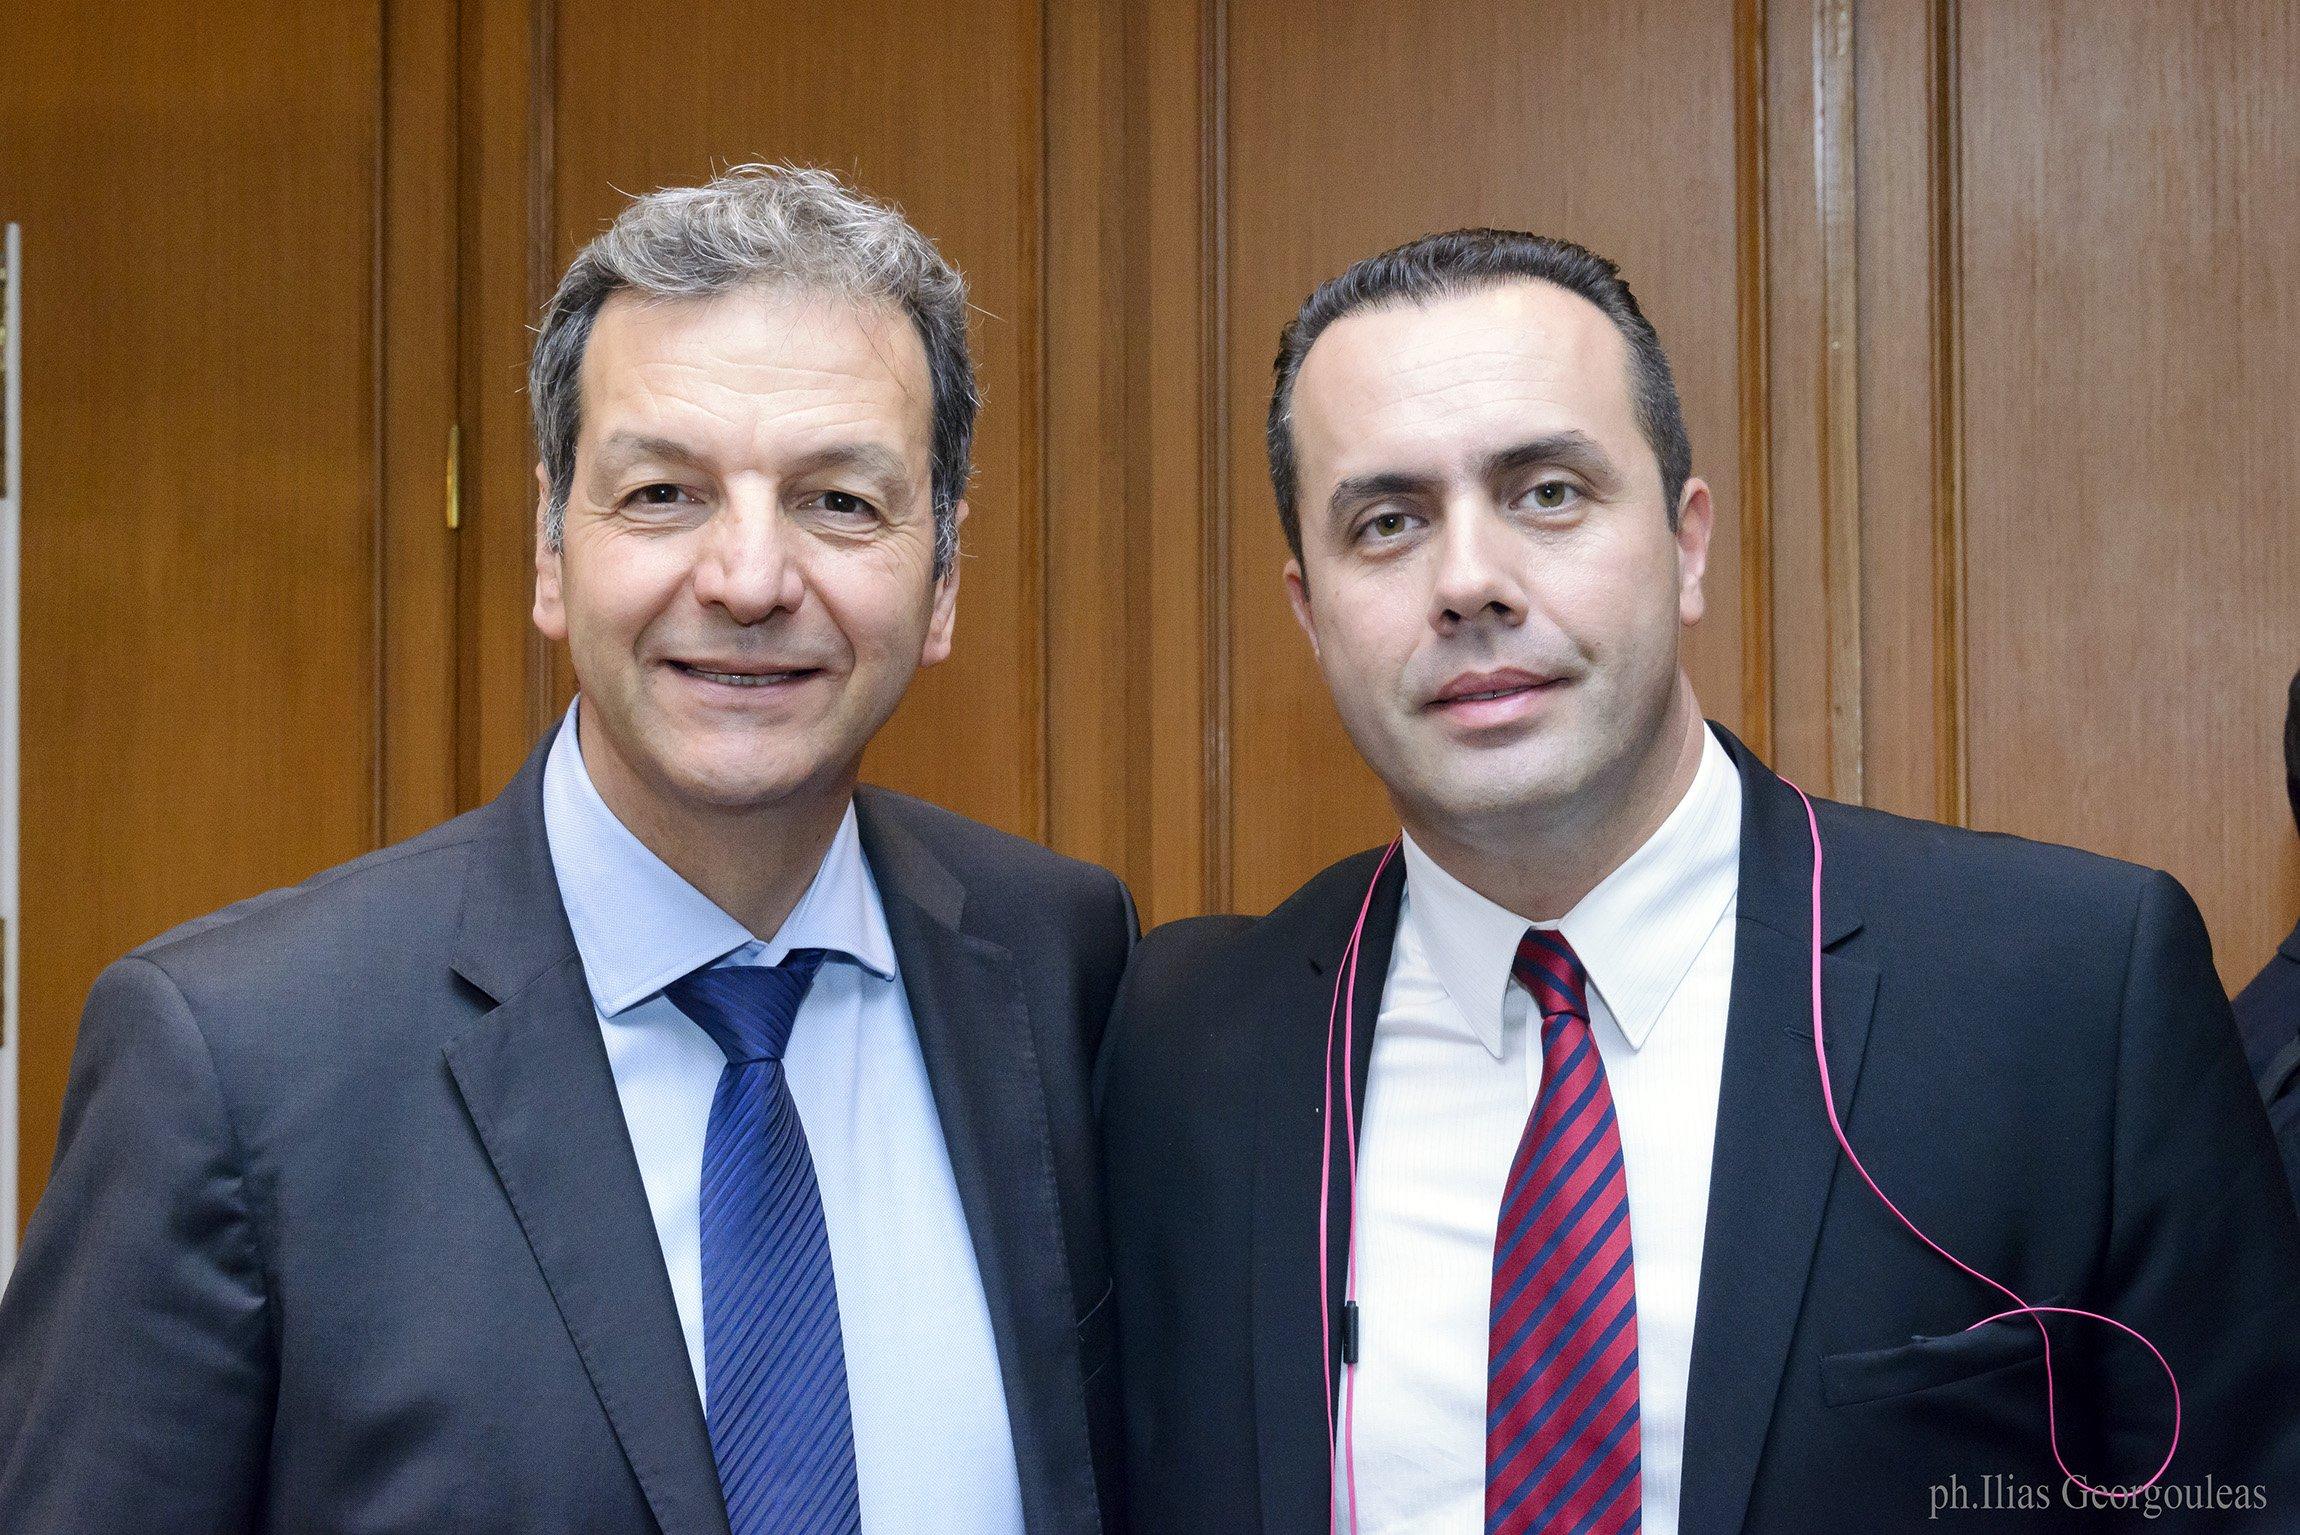 Σπυρίδων Μπάρμπας, SOS Χειρουργός & πρόεδρος ΕΕΕΕΙ